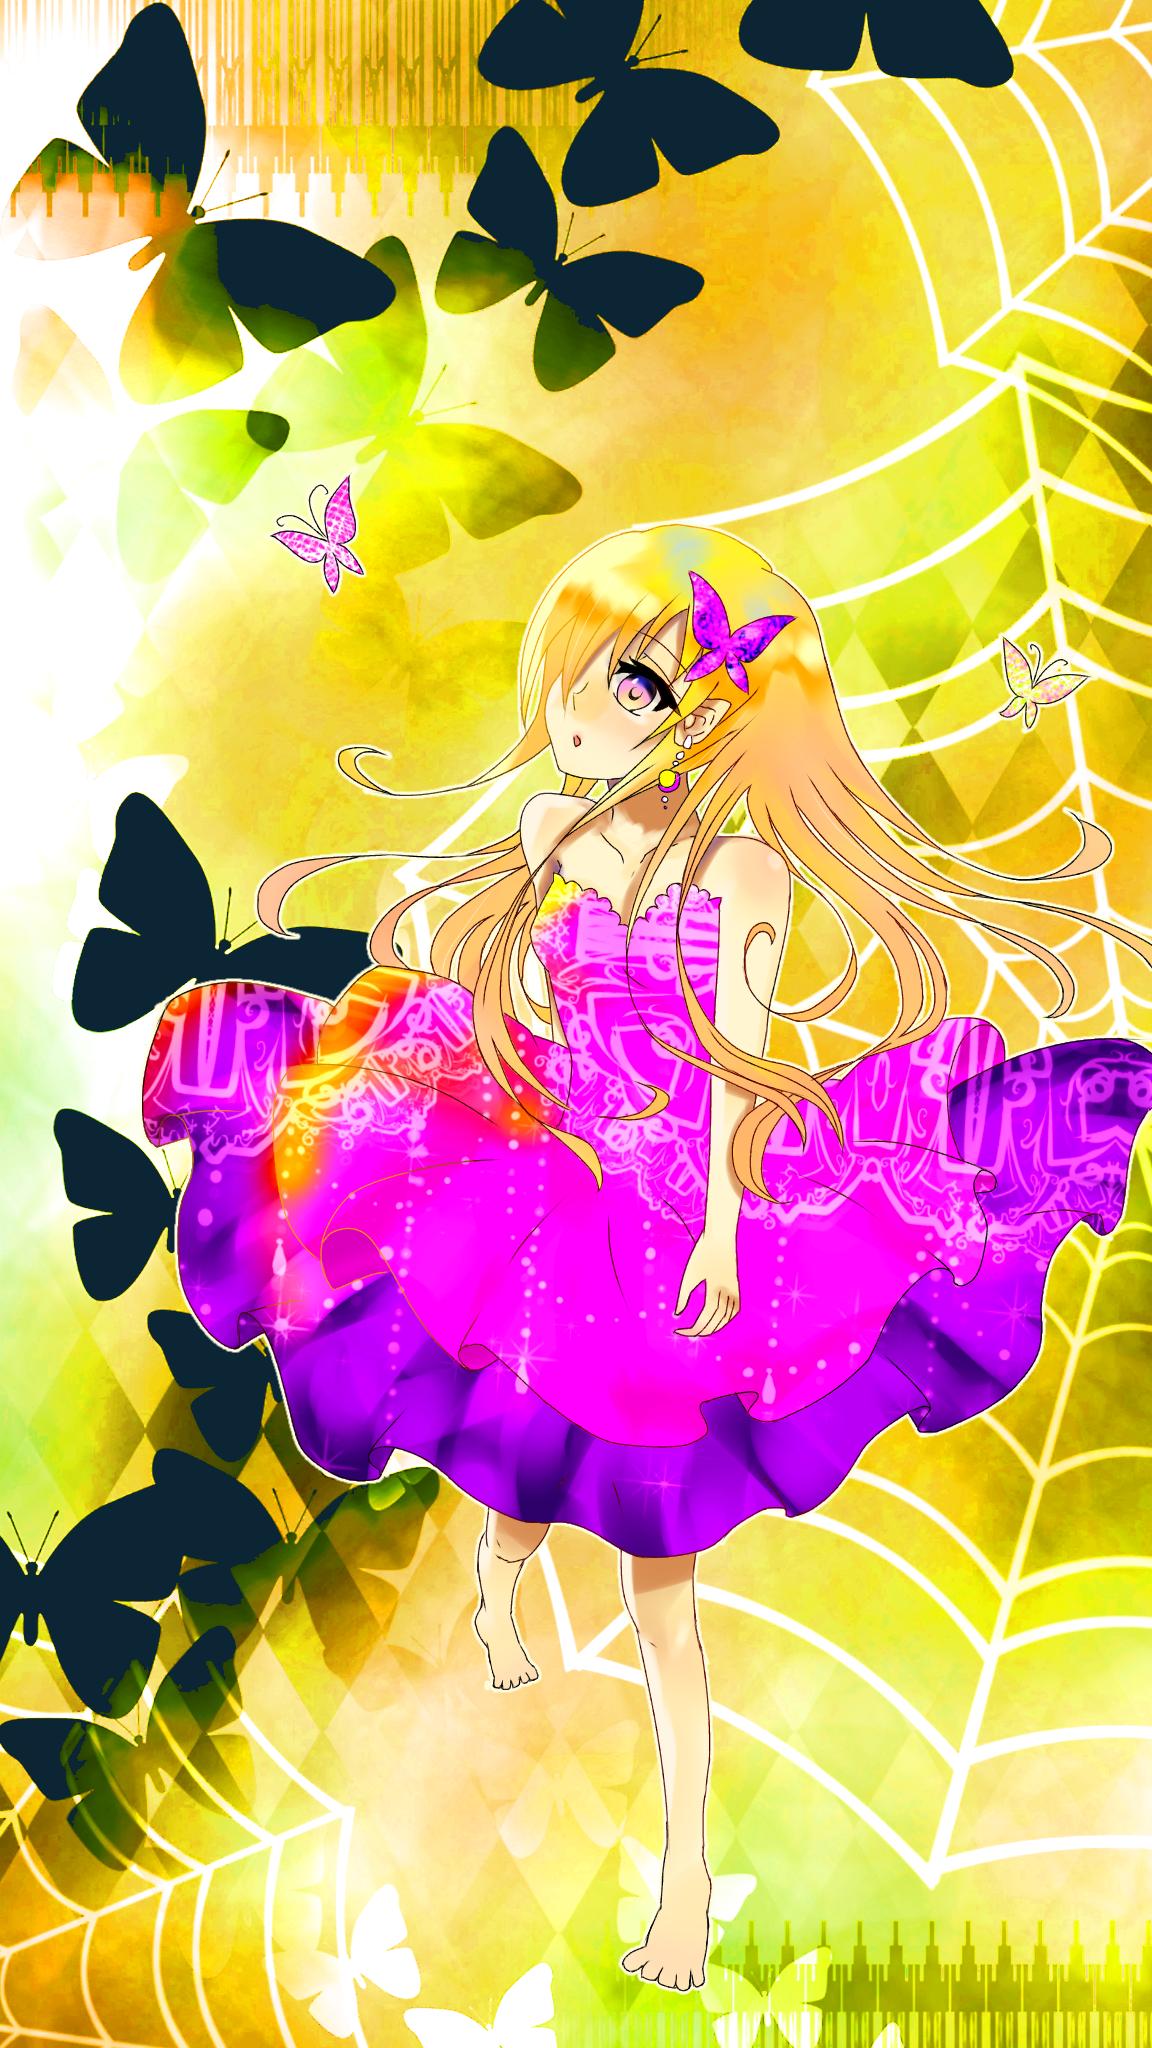 少女と蝶    塗らせてもらっちゃった⭐️